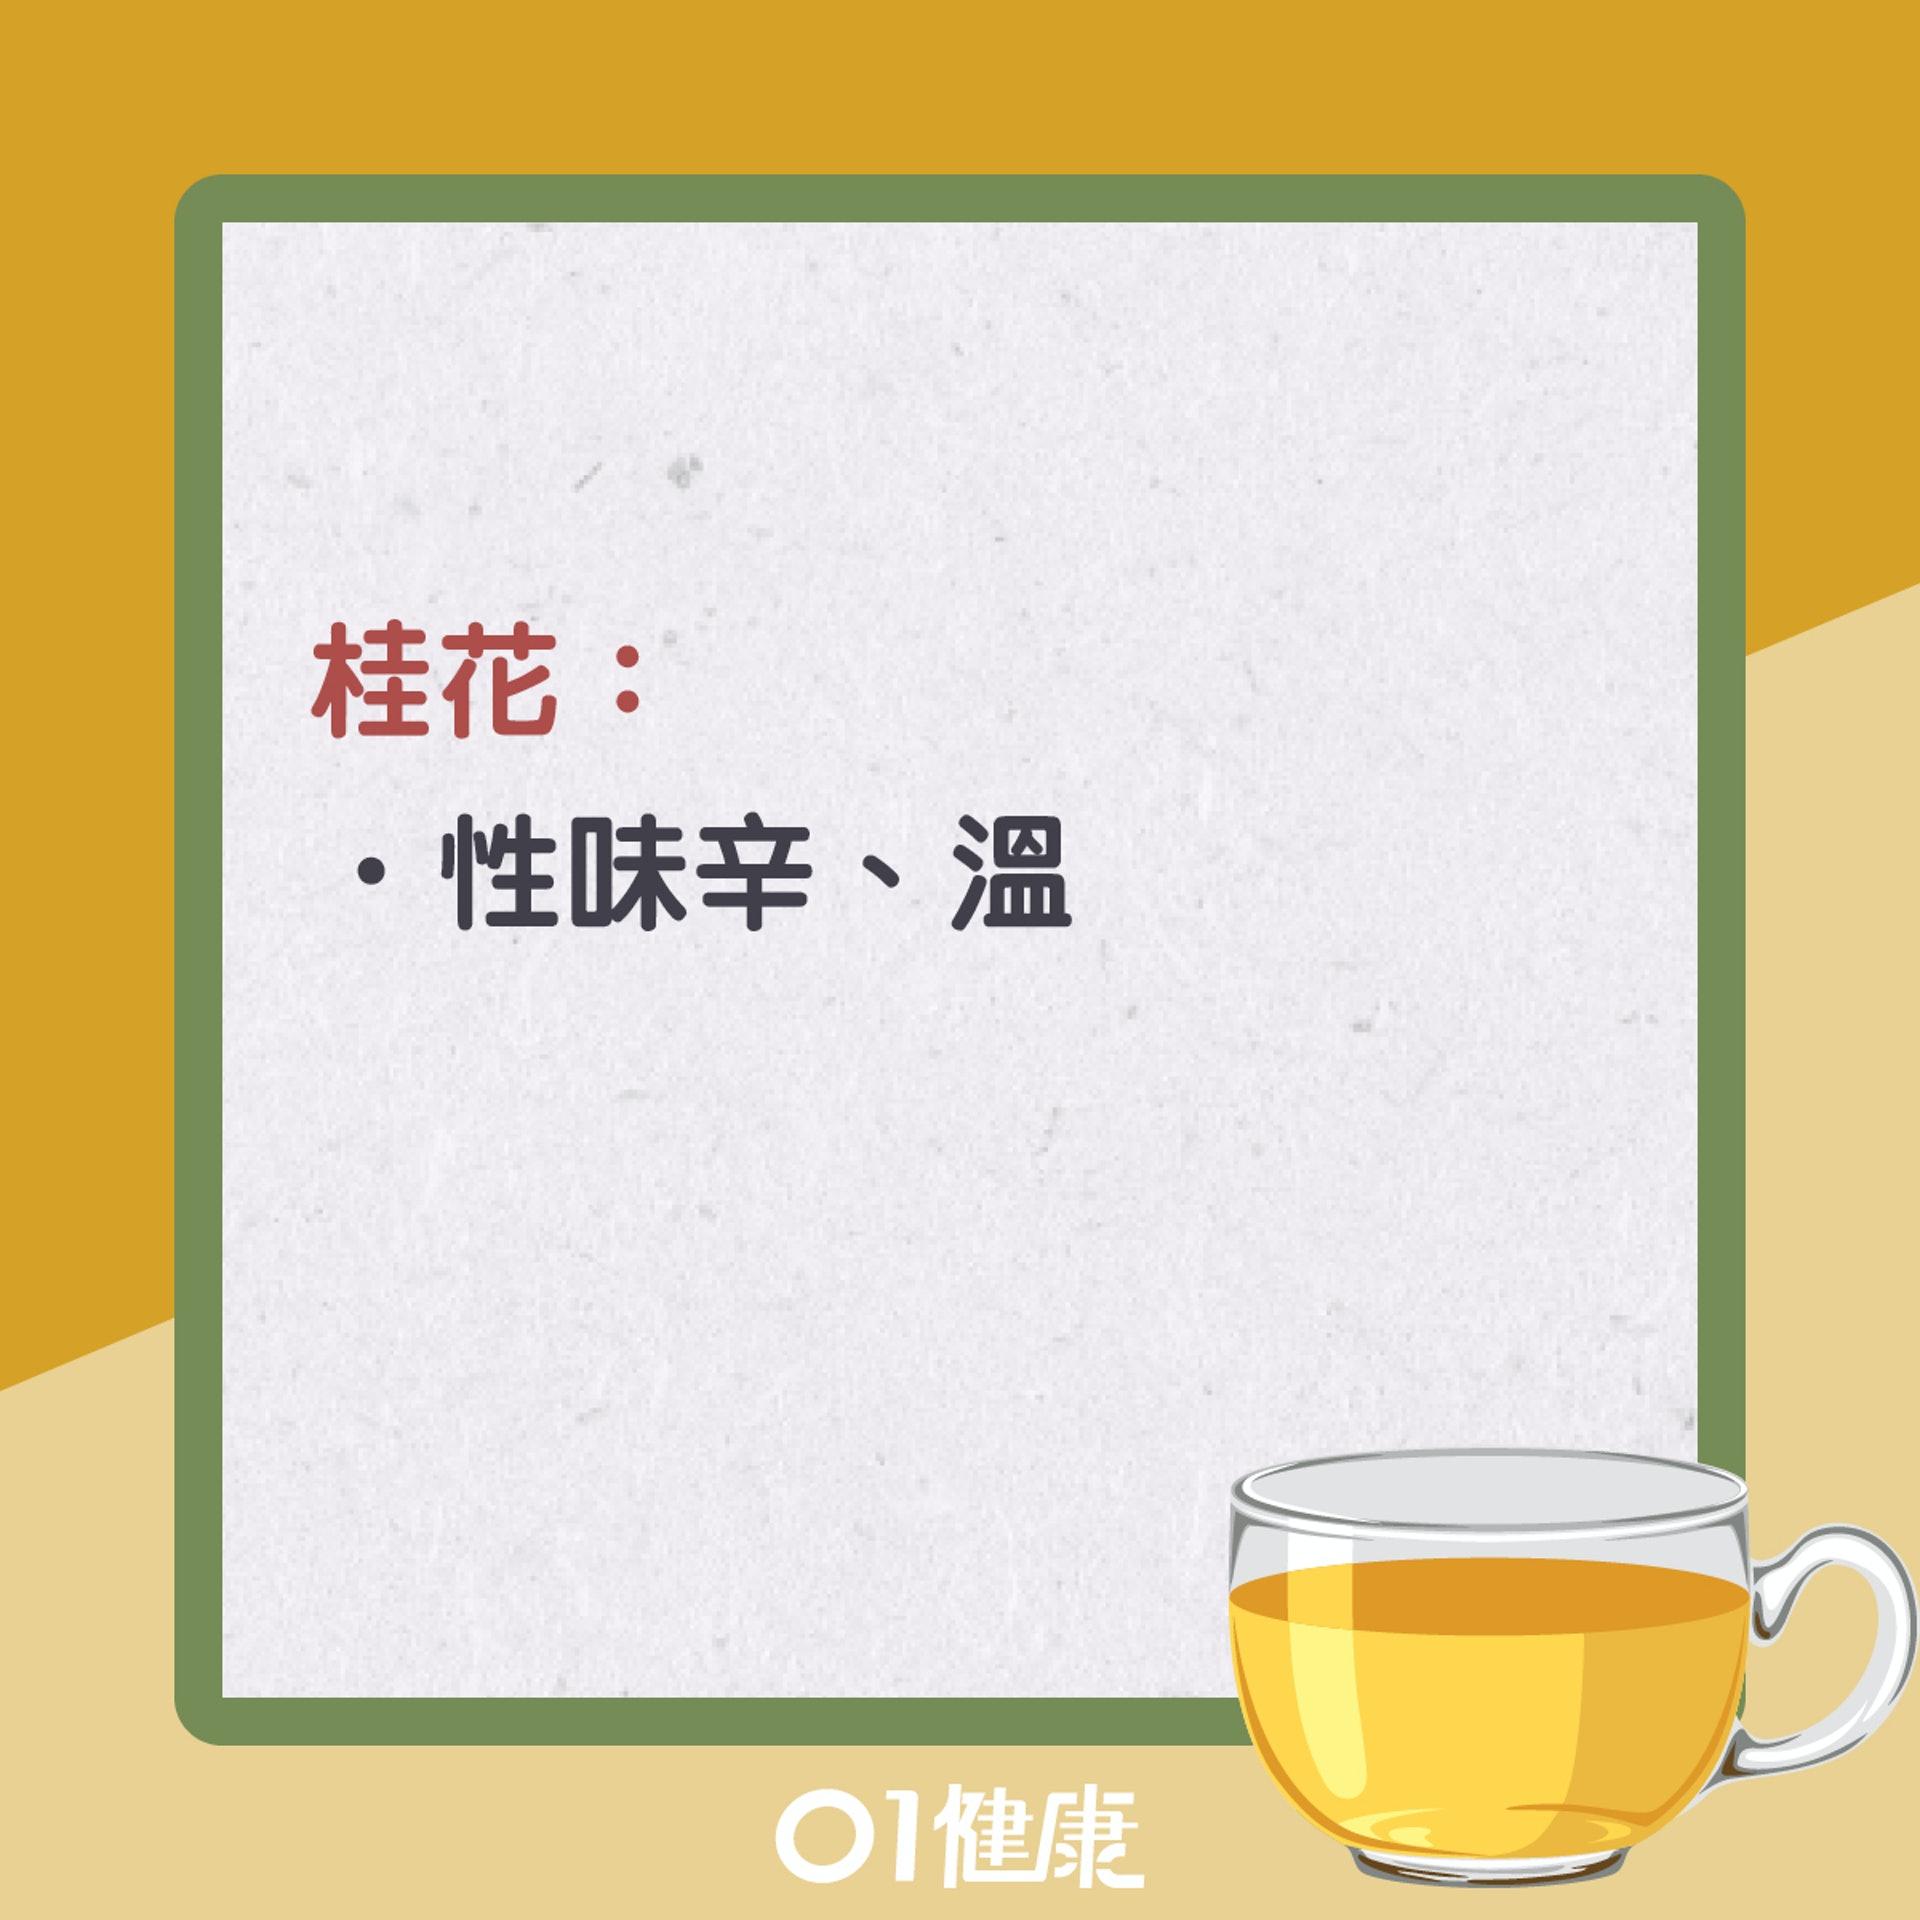 桂花茶知多啲!(01製圖)